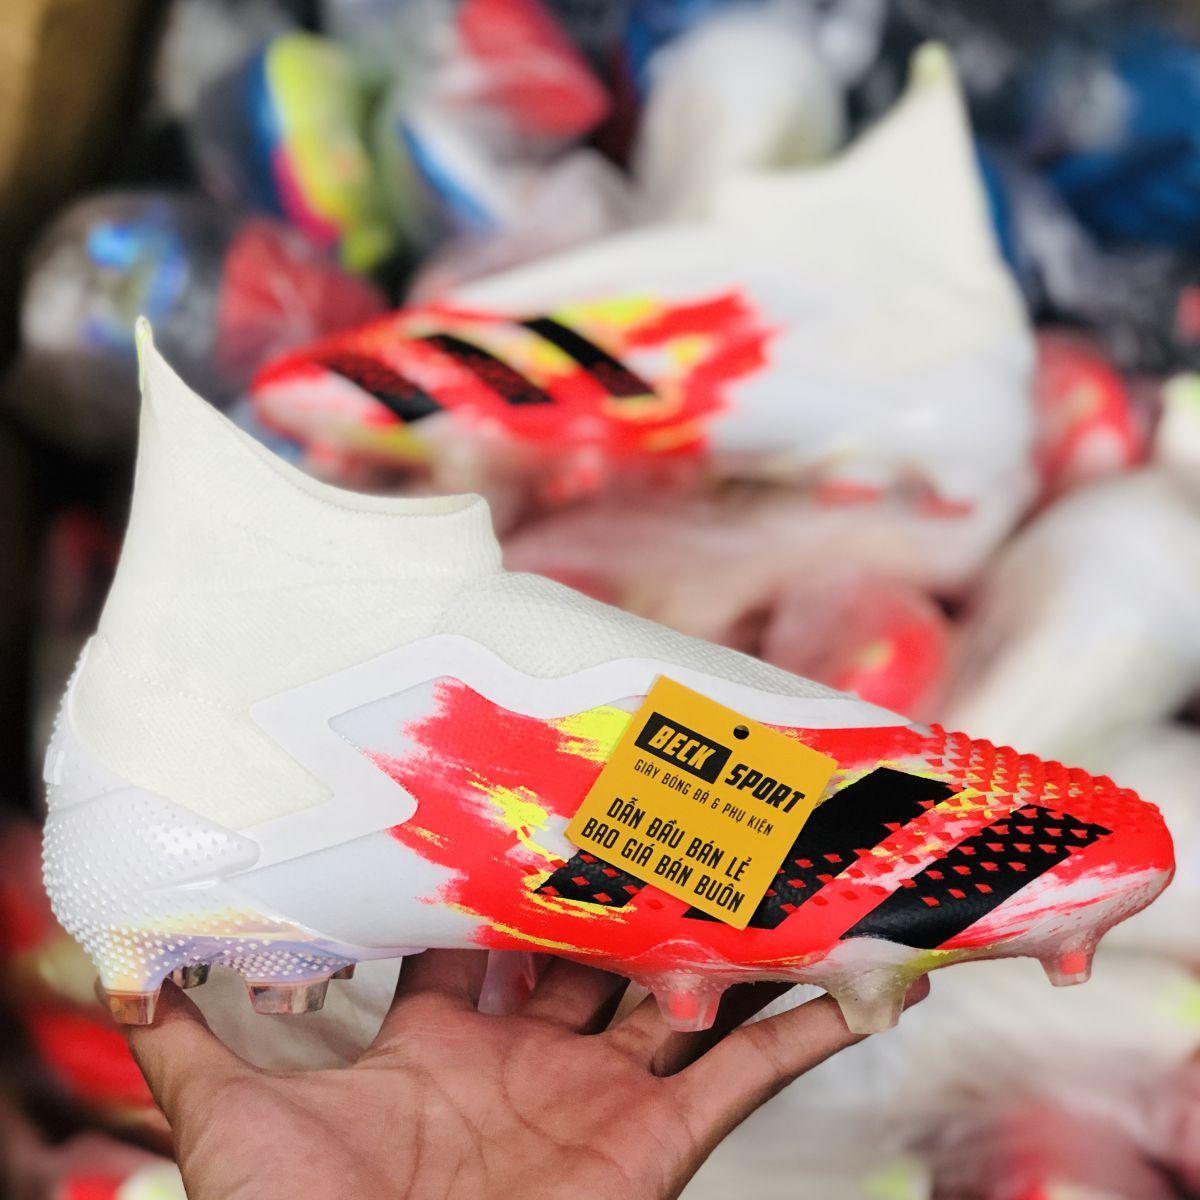 Giày Bóng Đá Adidas Predator 20+ Uniforia Đỏ Vàng Gót Trắng Vạch Đen Không Dây Cổ Cao FG